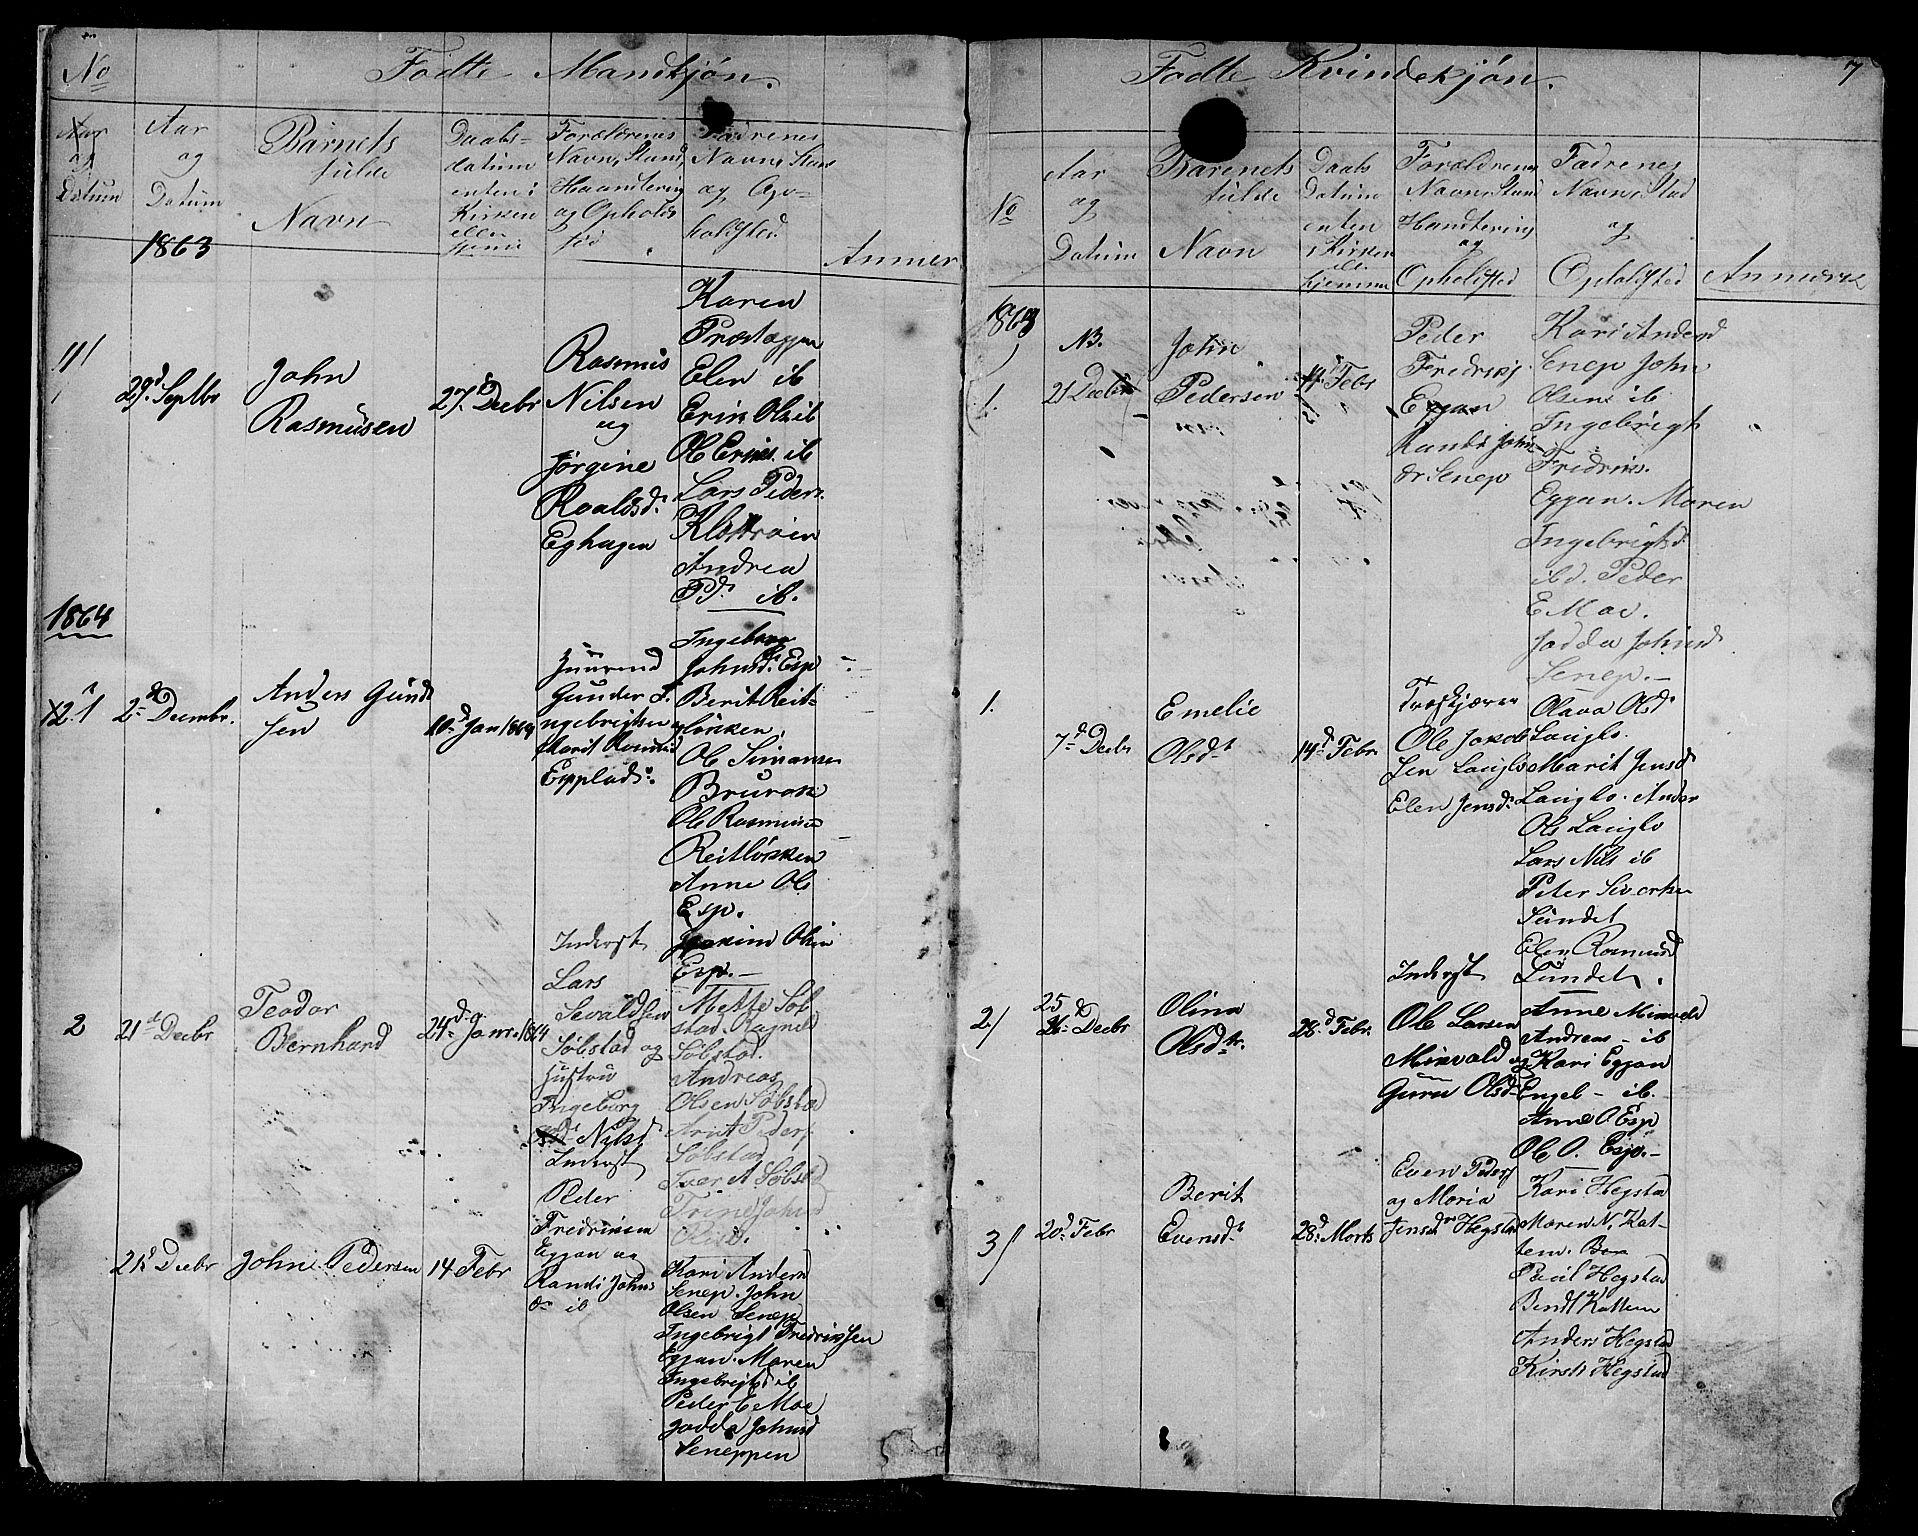 SAT, Ministerialprotokoller, klokkerbøker og fødselsregistre - Sør-Trøndelag, 613/L0394: Klokkerbok nr. 613C02, 1862-1886, s. 7